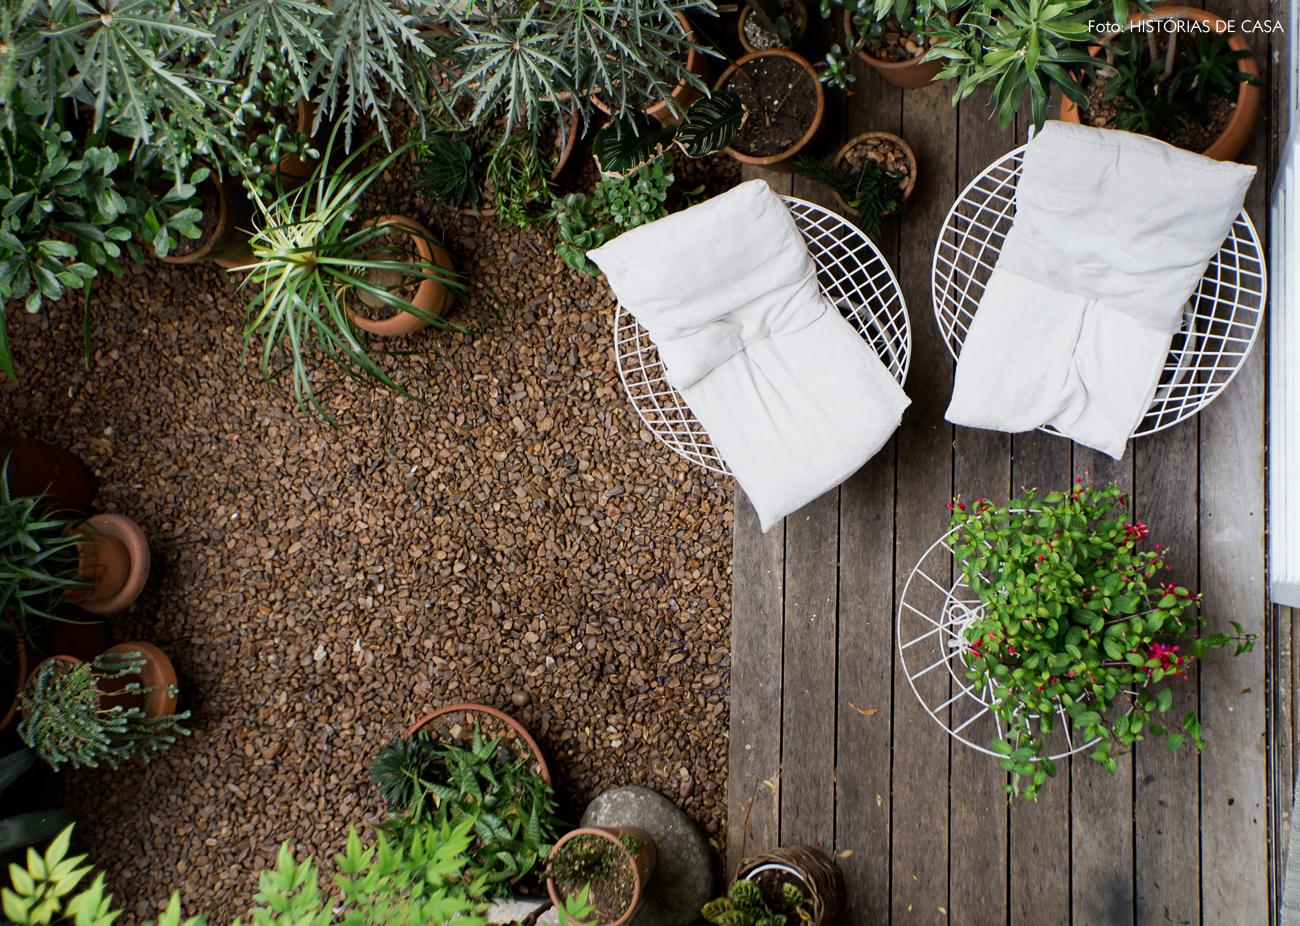 27-decoracao-area-externa-jardim-deck-poltronas-ferro-brancas